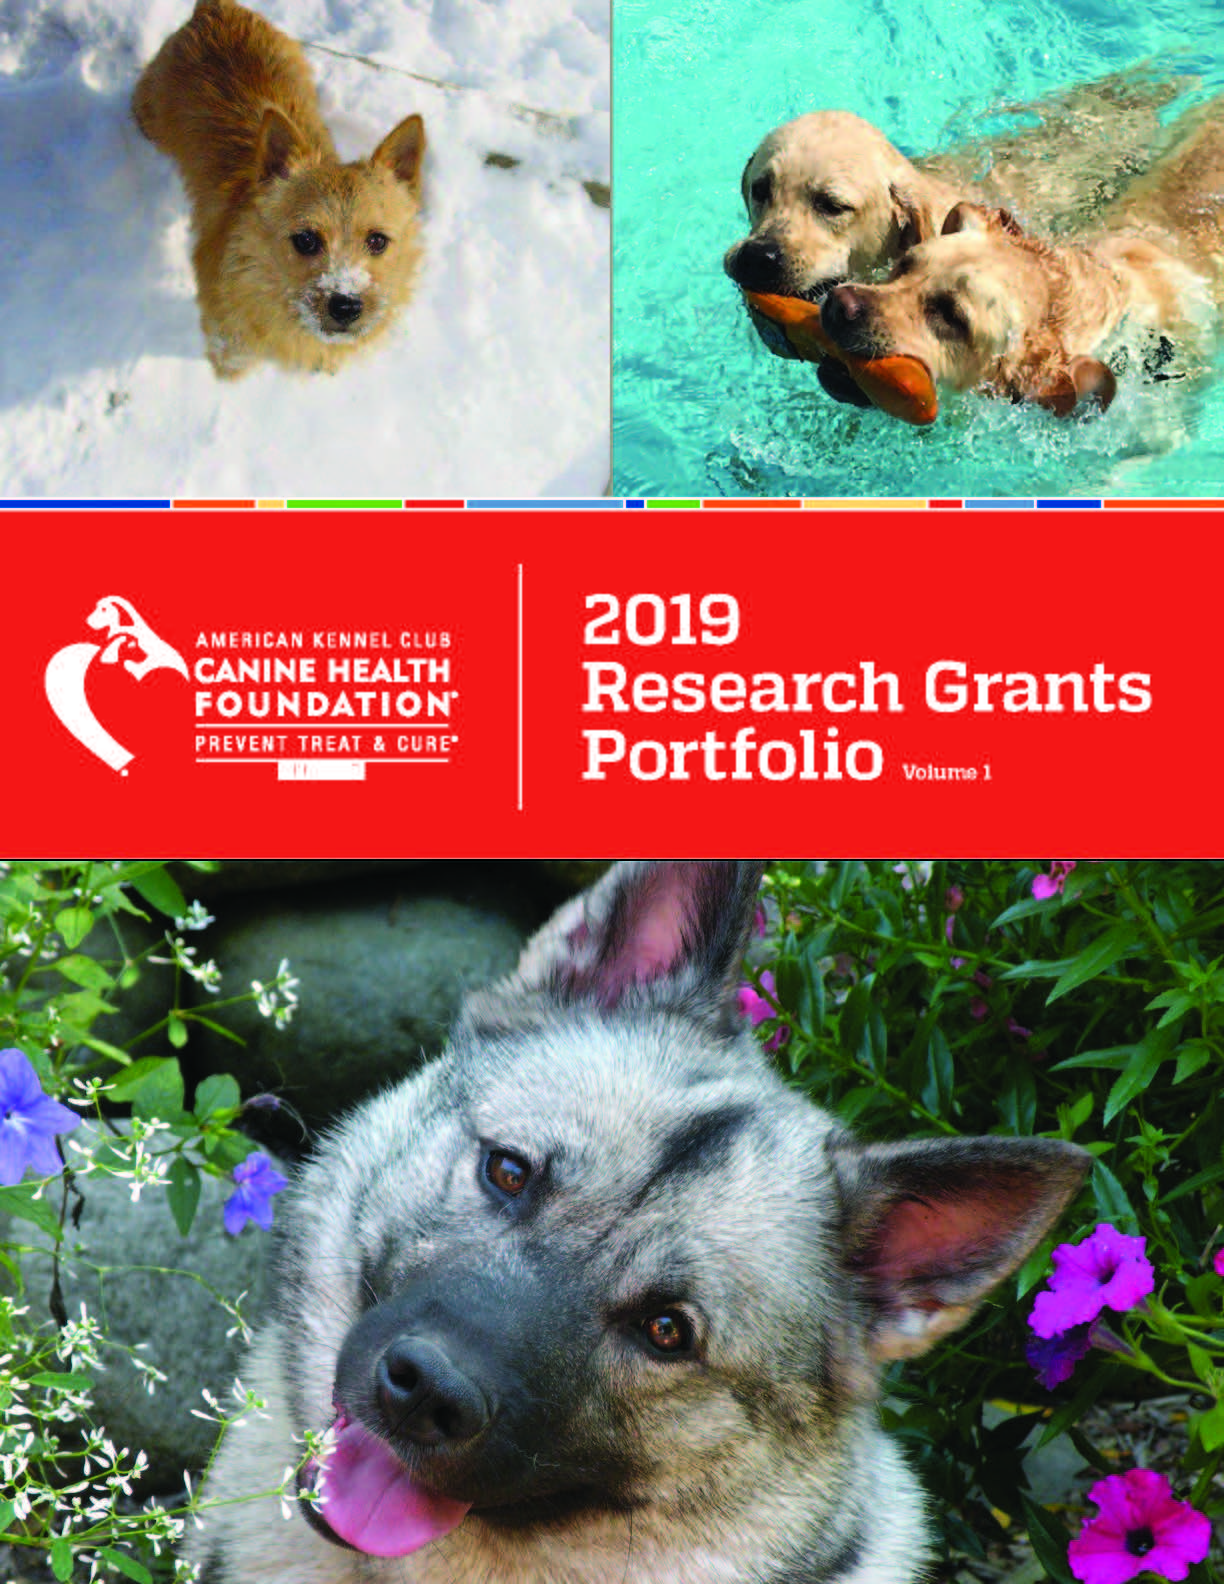 AKC CHF 2019 Research Grants Portfolio Vol 1 Cover